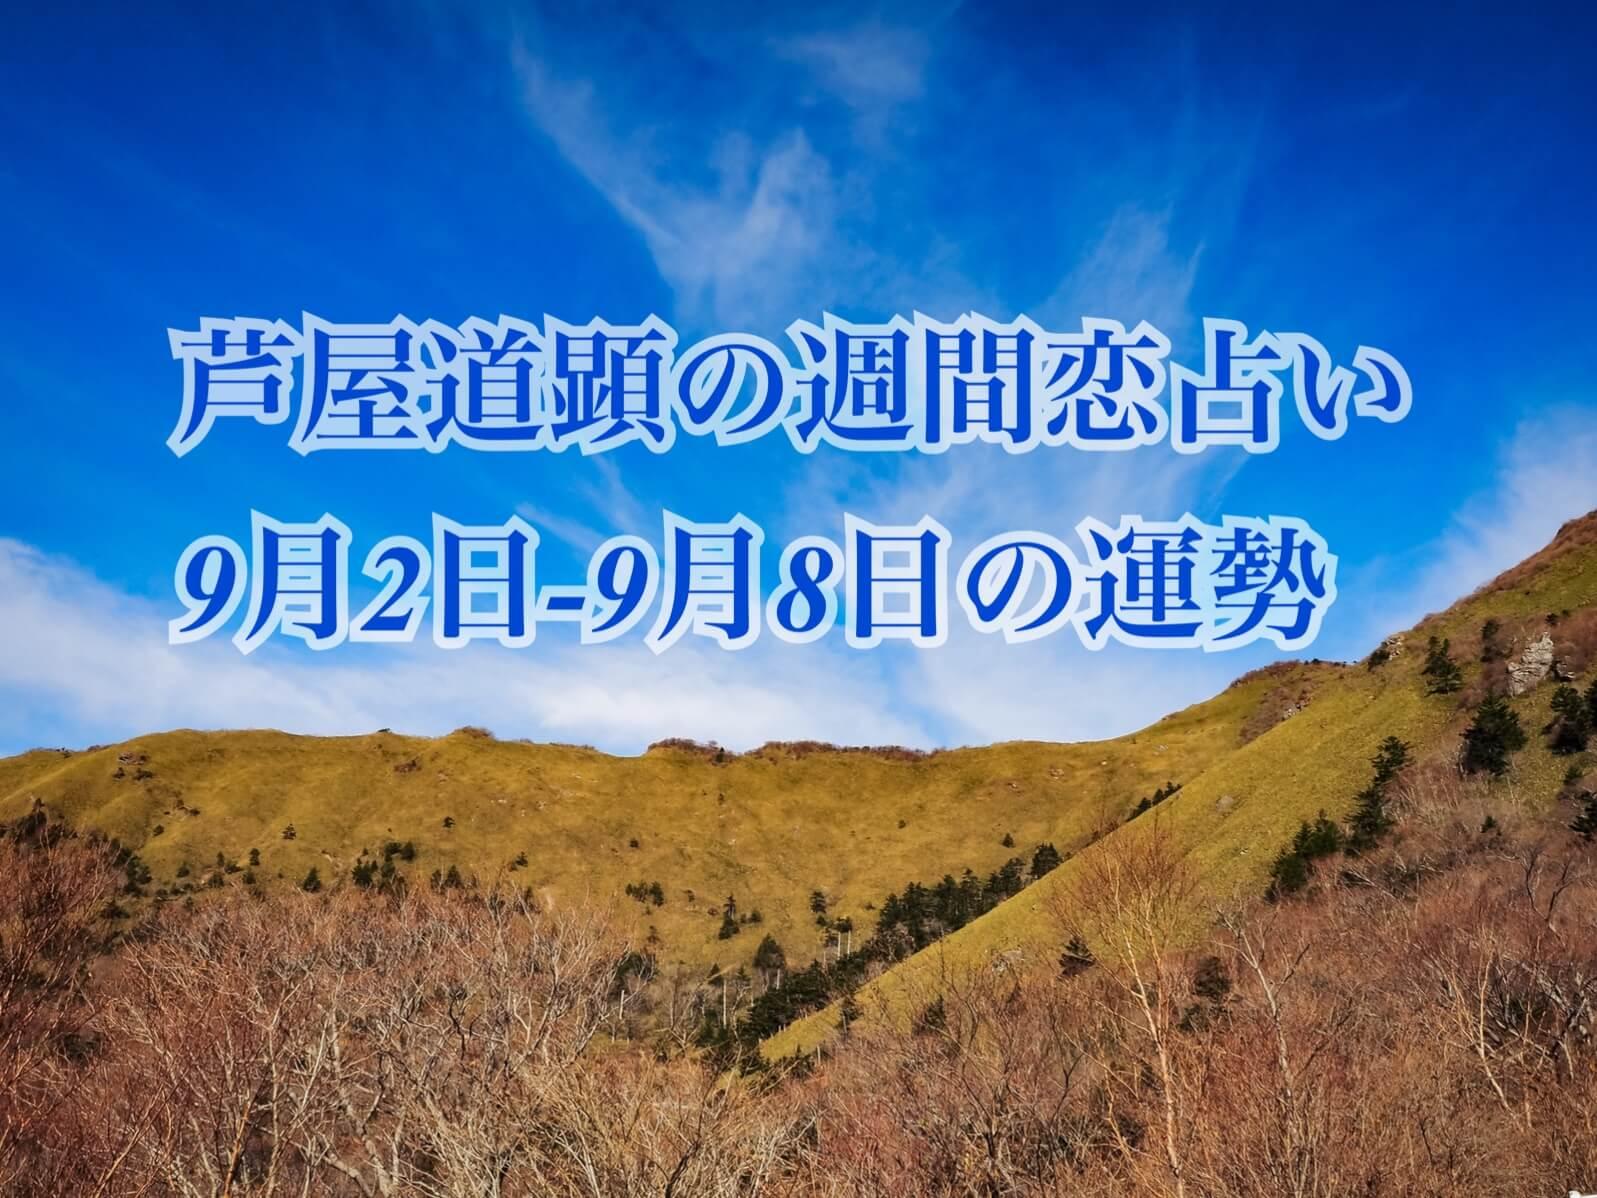 9月2日-9月8日の恋愛運【芦屋道顕の音魂占い★2019年】